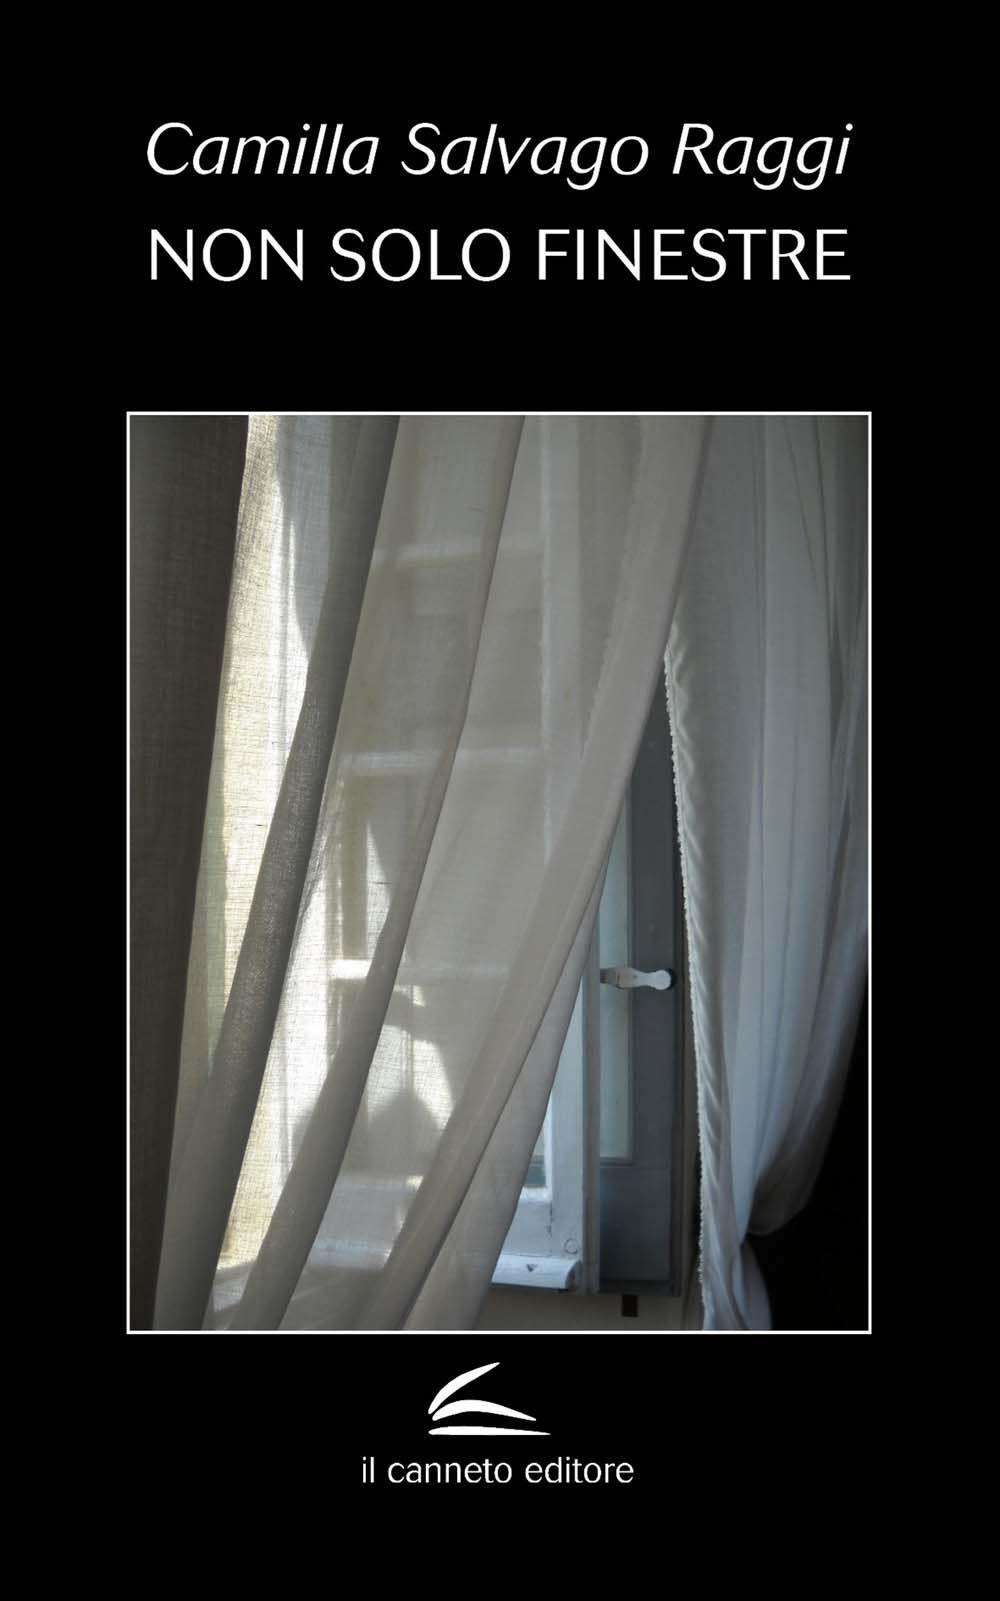 Non solo finestre